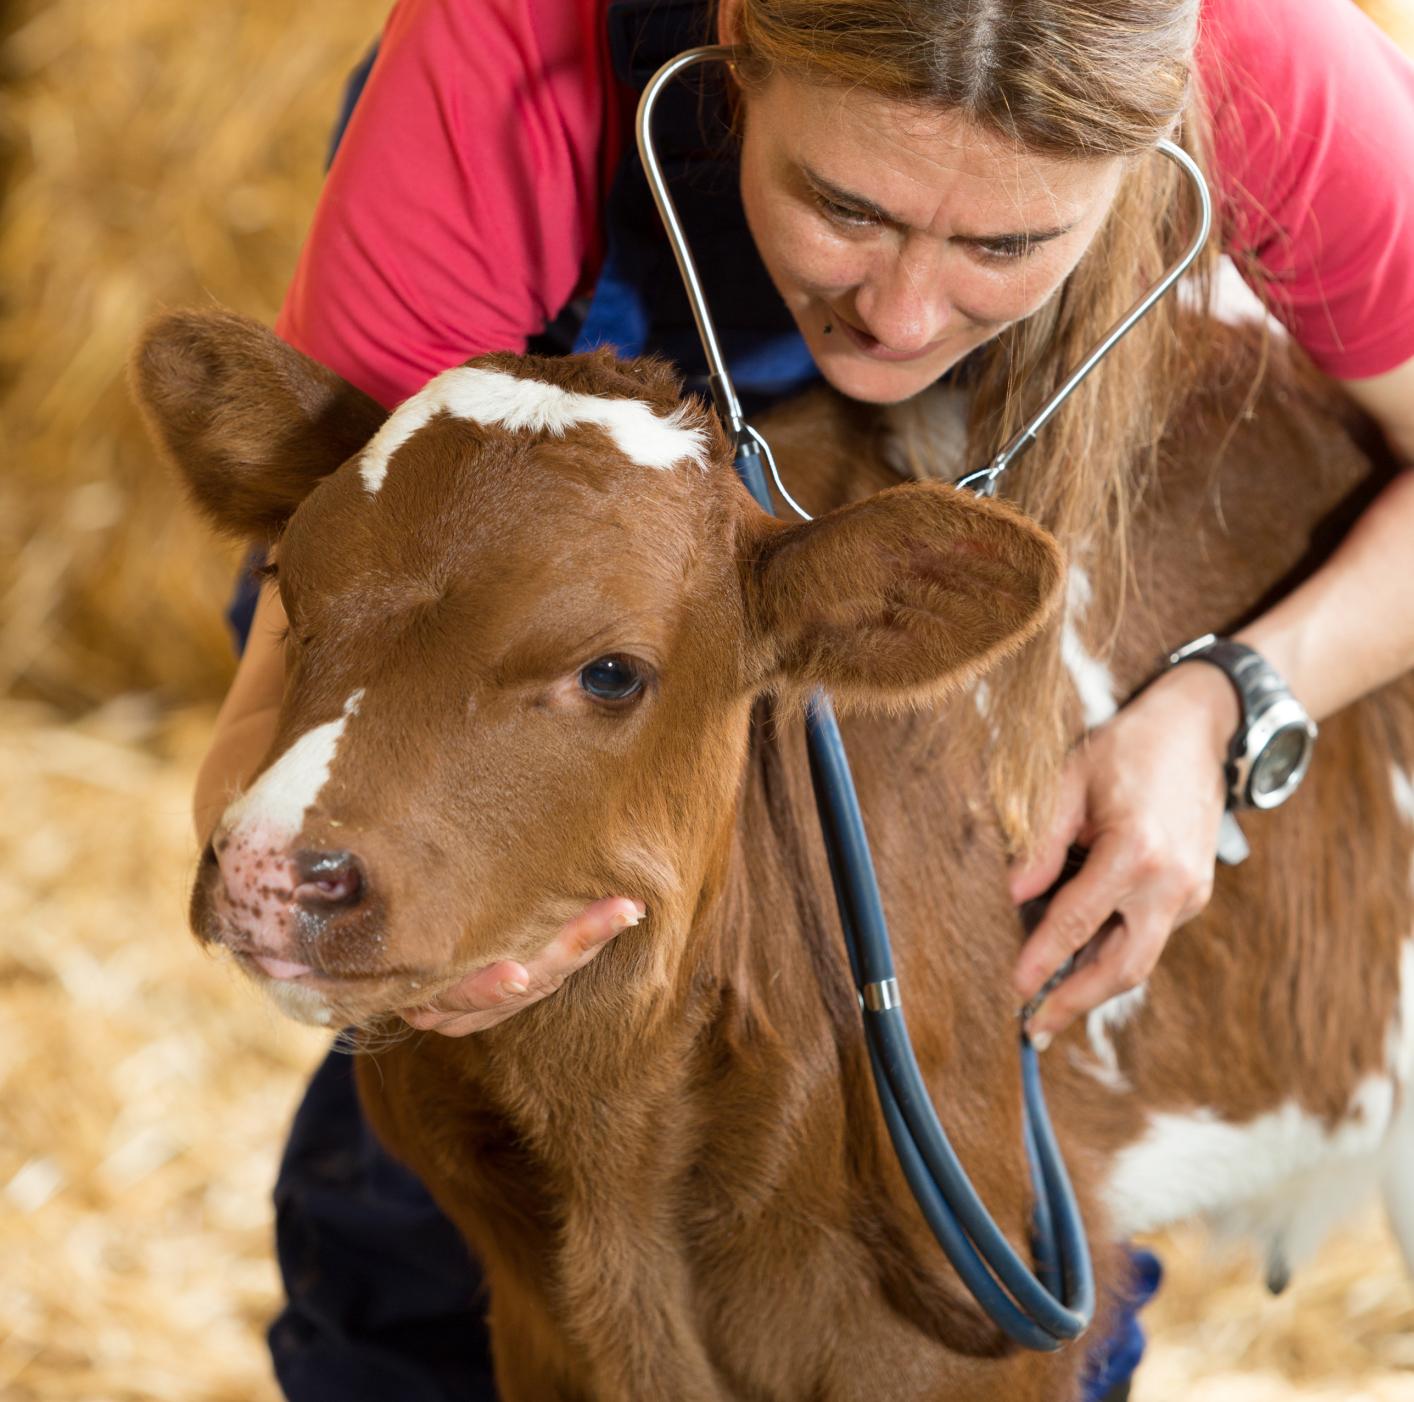 Pet Clinic & Hospital, Abilene, TX